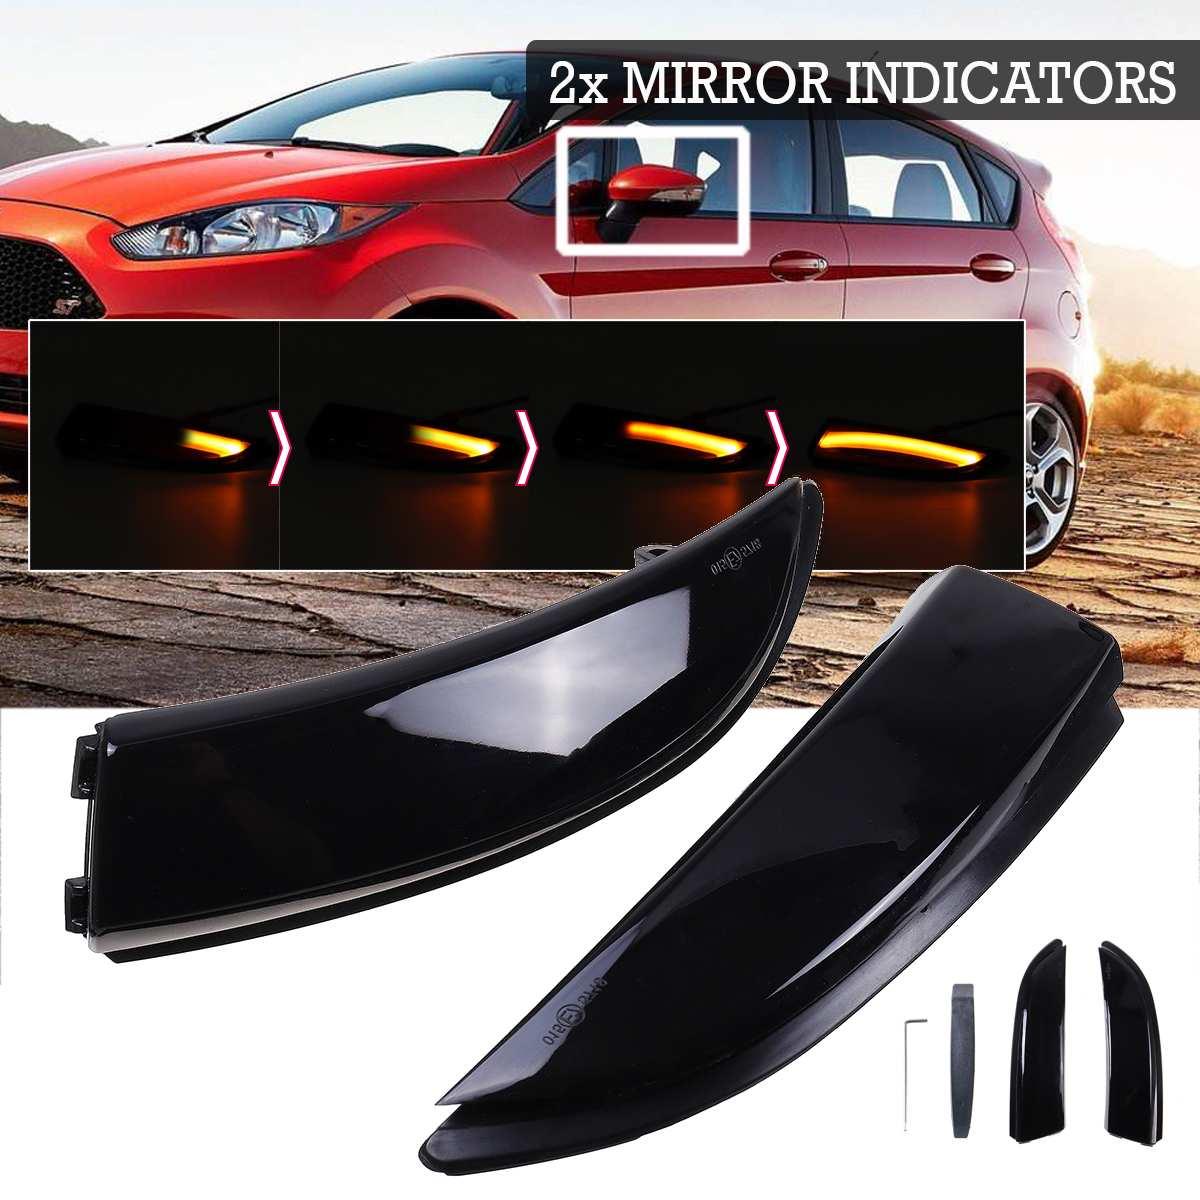 2X струящийся светильник светодиодный с поворотным сигналом, боковое крыло, зеркало заднего вида, динамический индикатор, мигалка для Ford Fiesta...